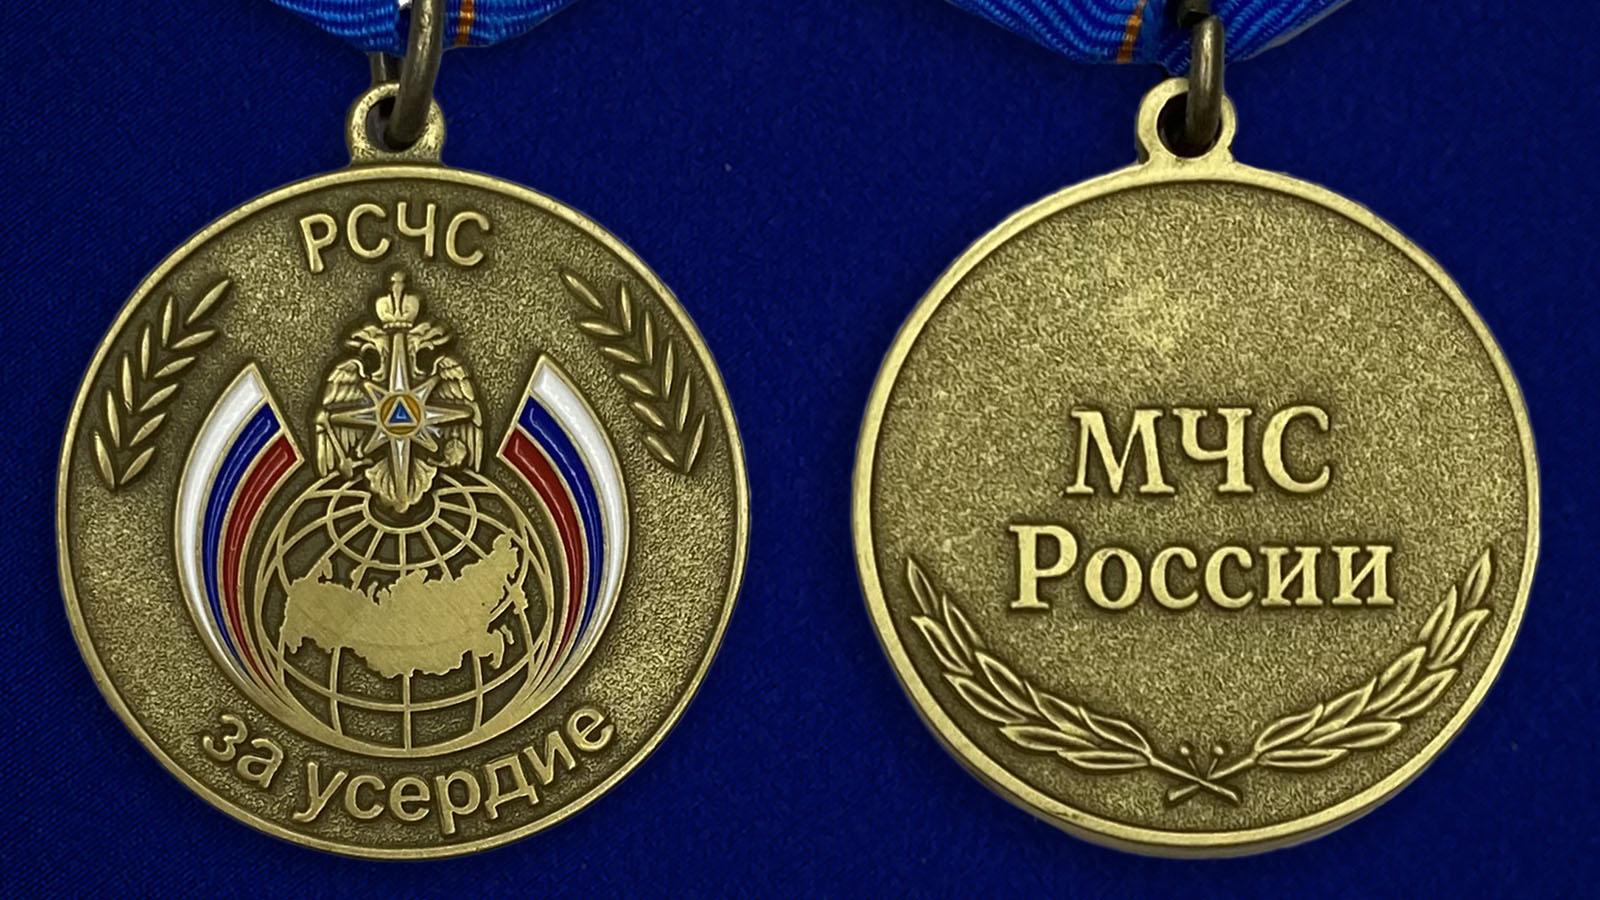 """Медаль МЧС РФ """"За усердие"""" - аверс и реверс"""